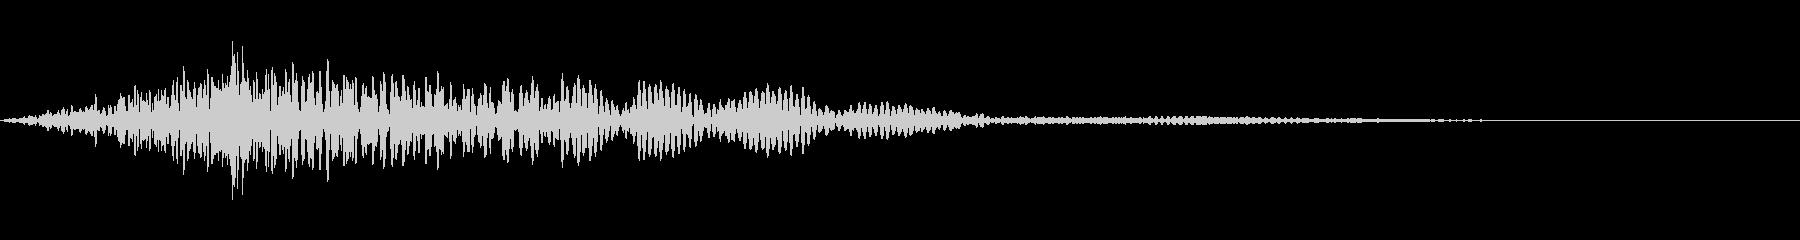 タイトルインパクト(ブウォーン+ポチャ)の未再生の波形